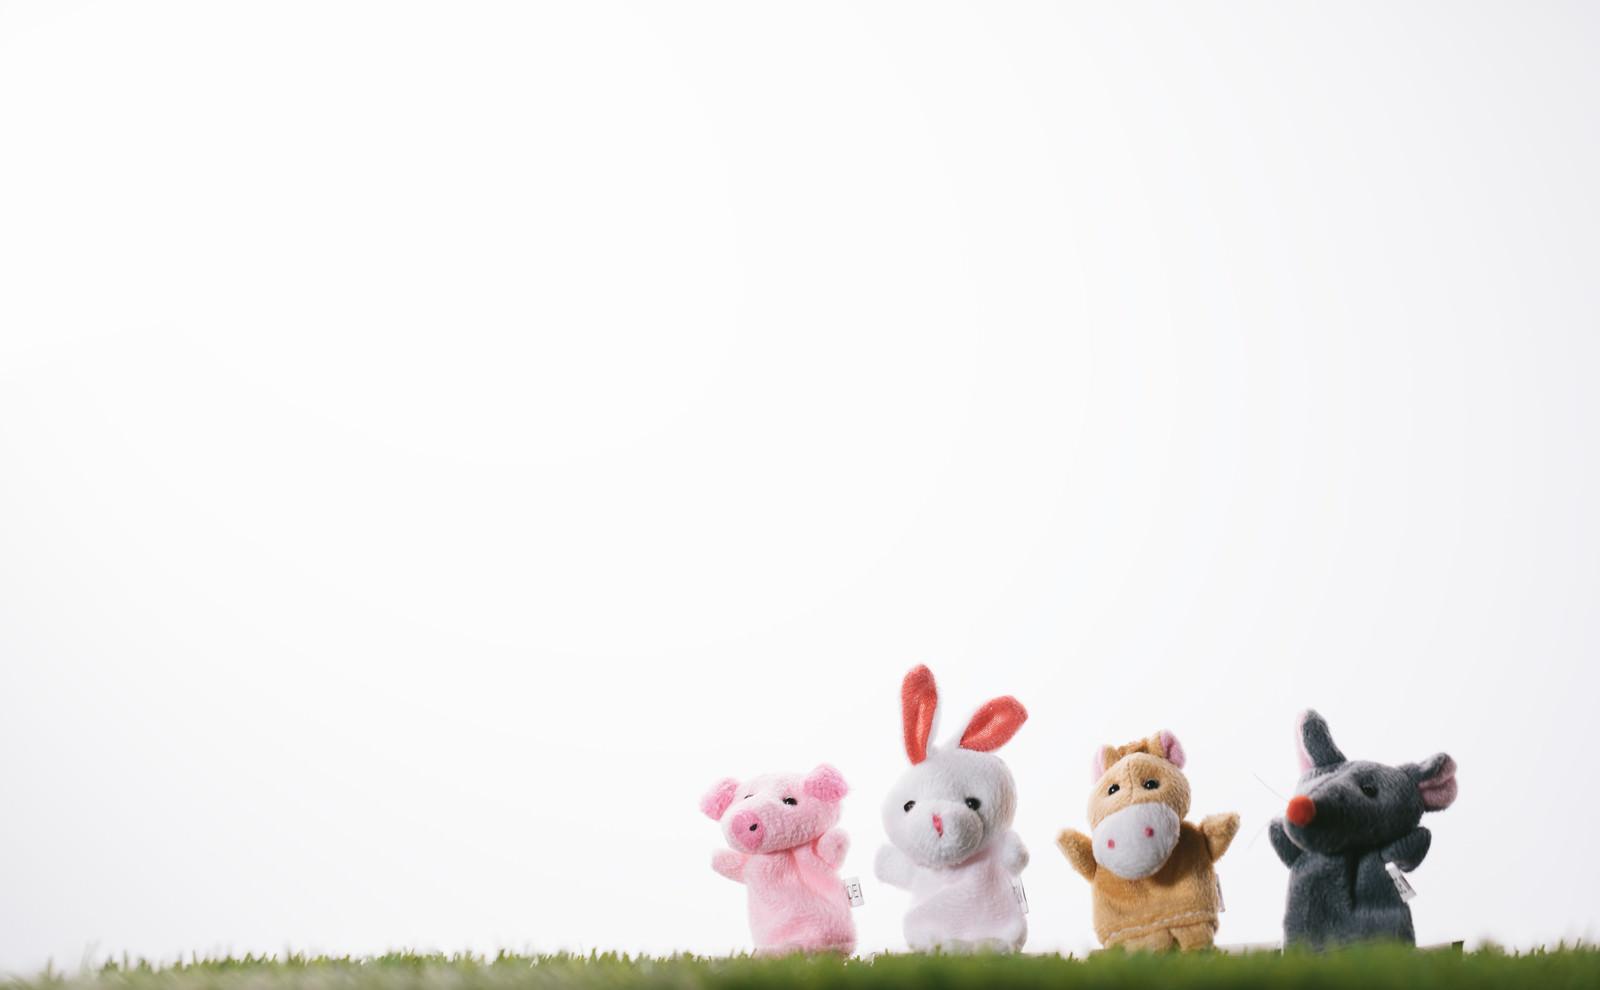 「おいでよブタさんウサギさんウマさんネズミさん」の写真